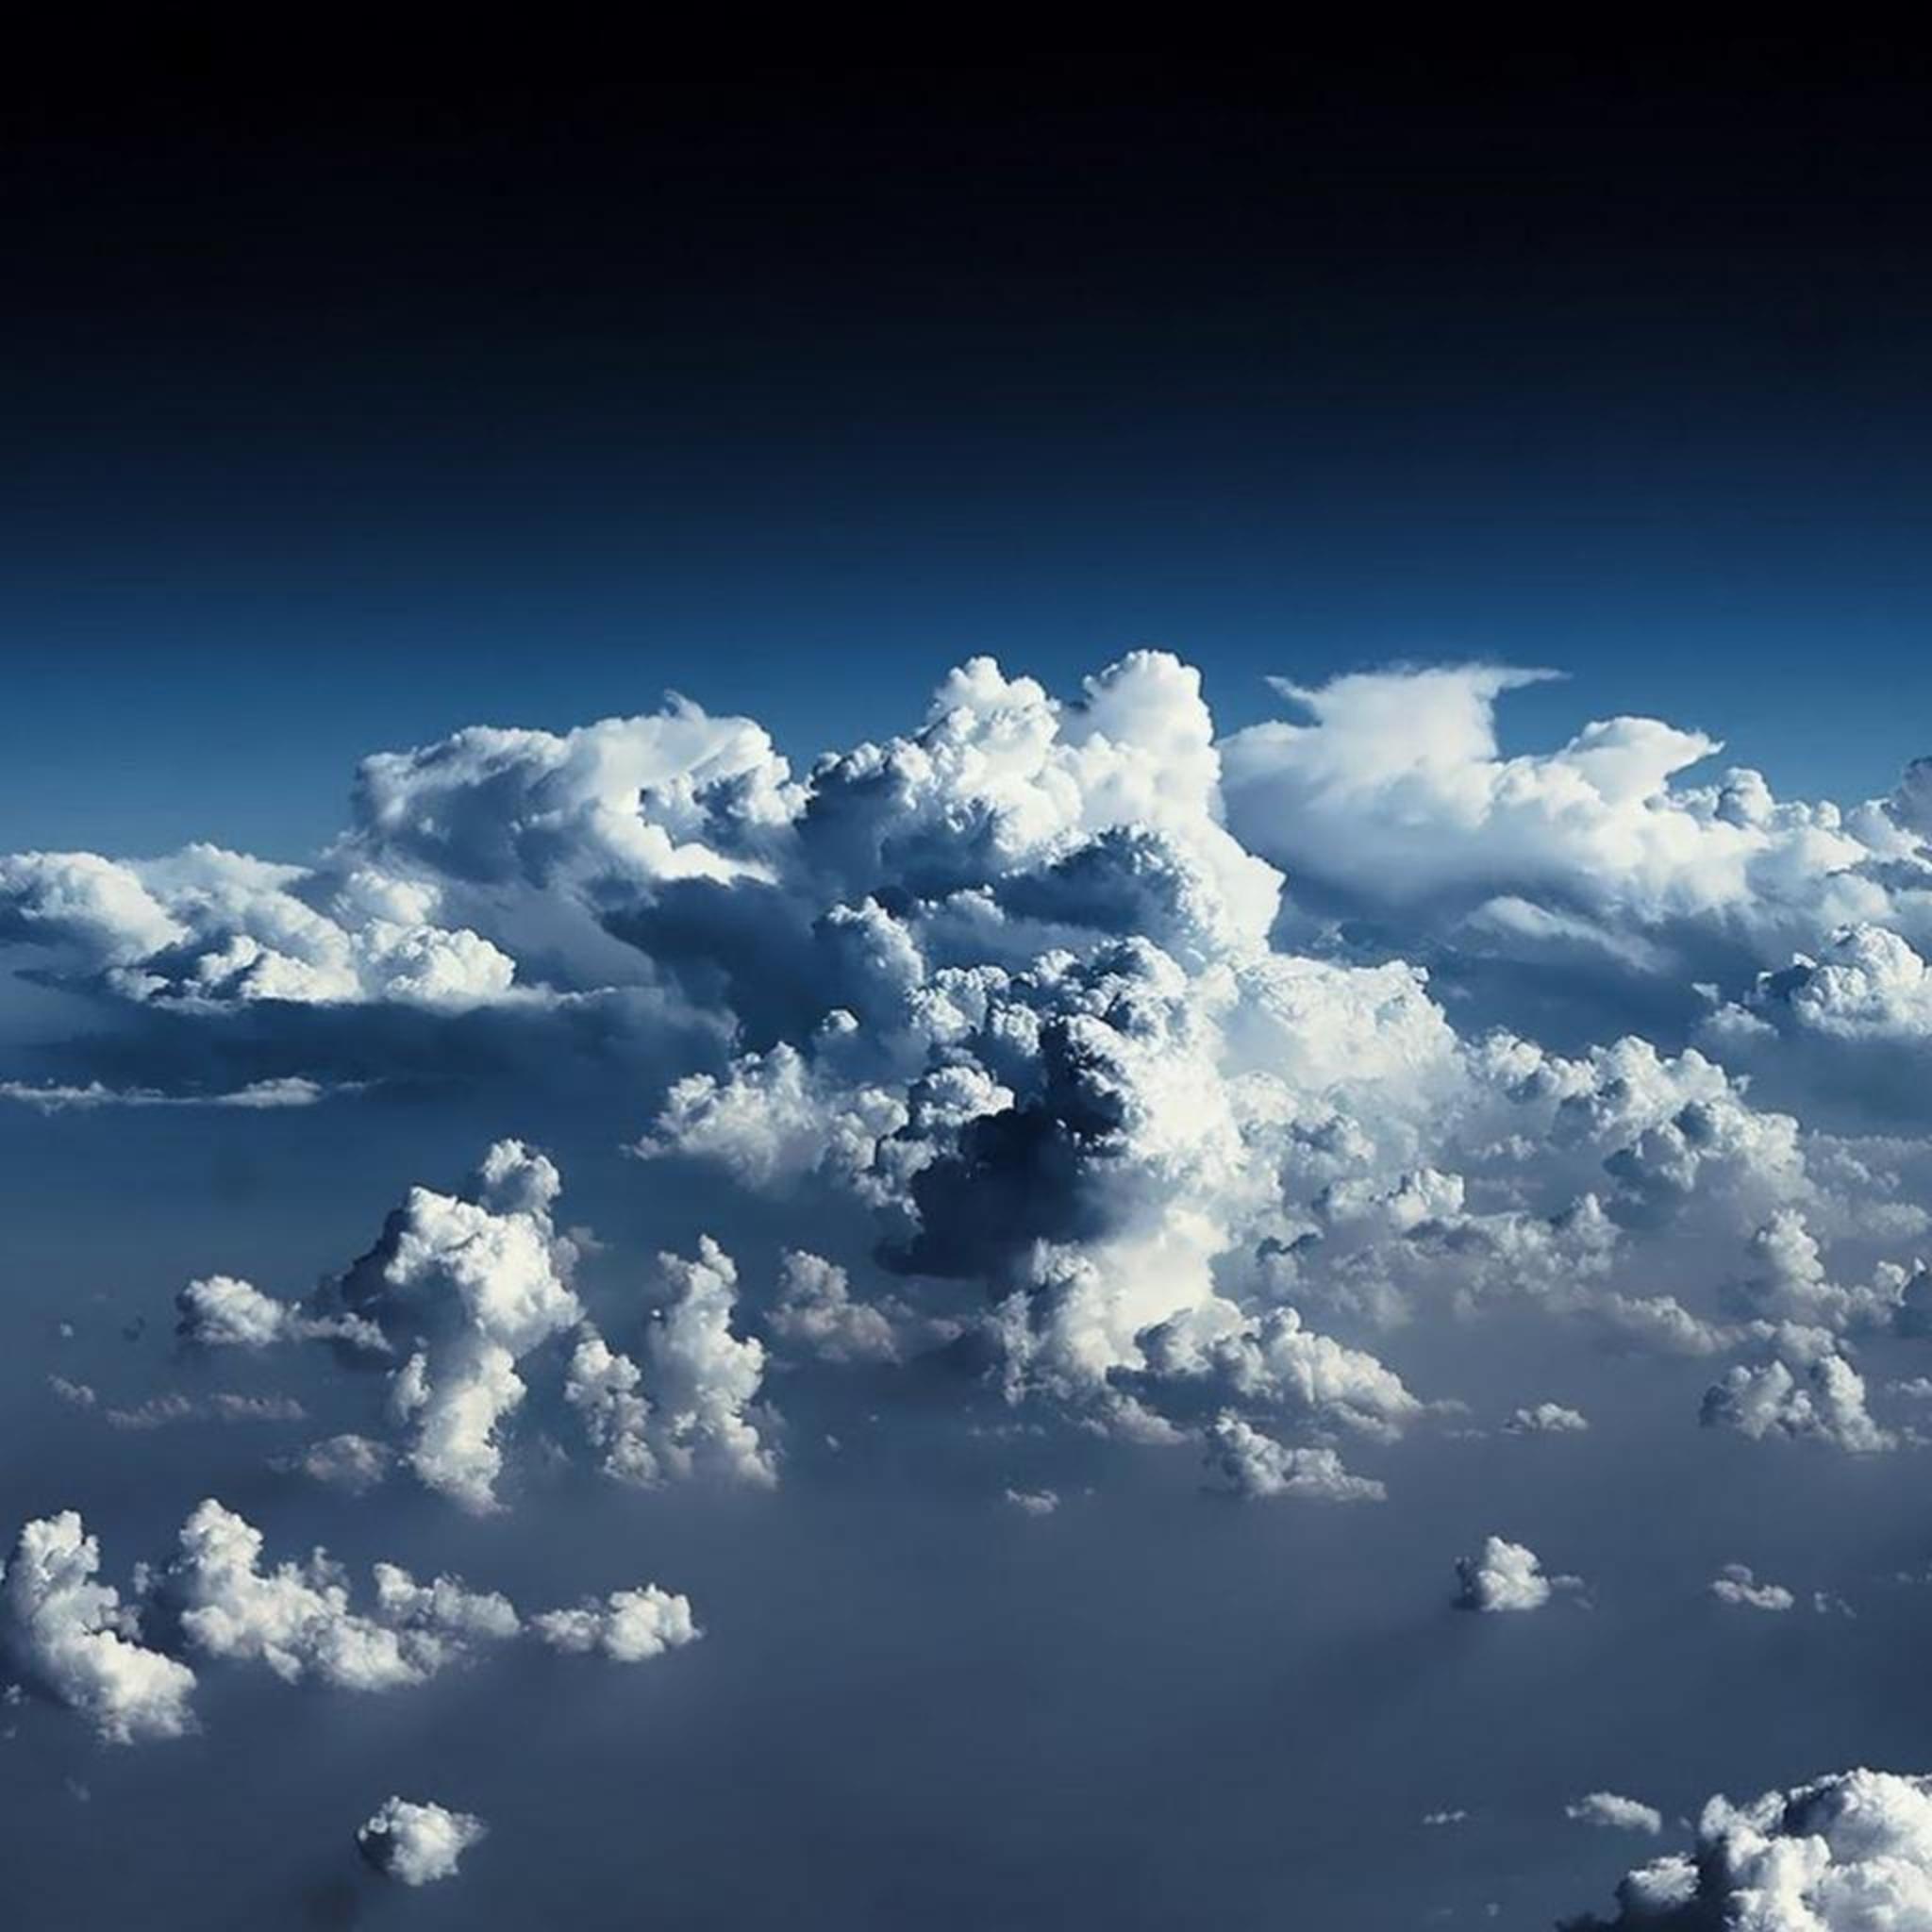 gallery-21_space-my-ipad-retina-wallpaper-hd-space-upper-atmosphere